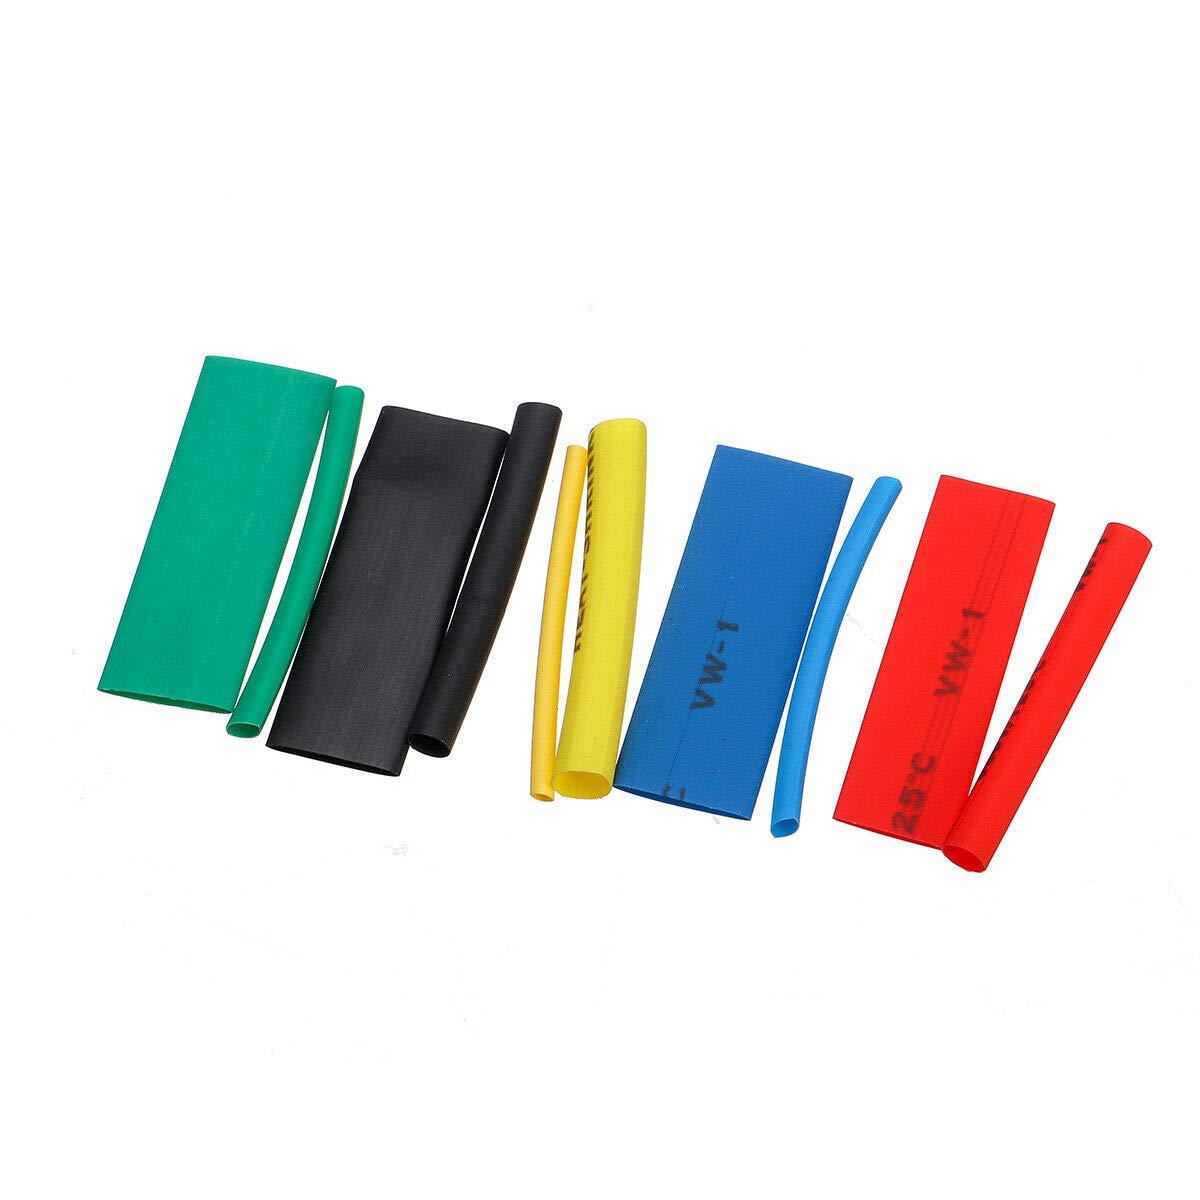 Kit di tubi termorestringenti 2:1 isolamento elettrico termorestringente avvolgicavo in 5 colori in 12 misure